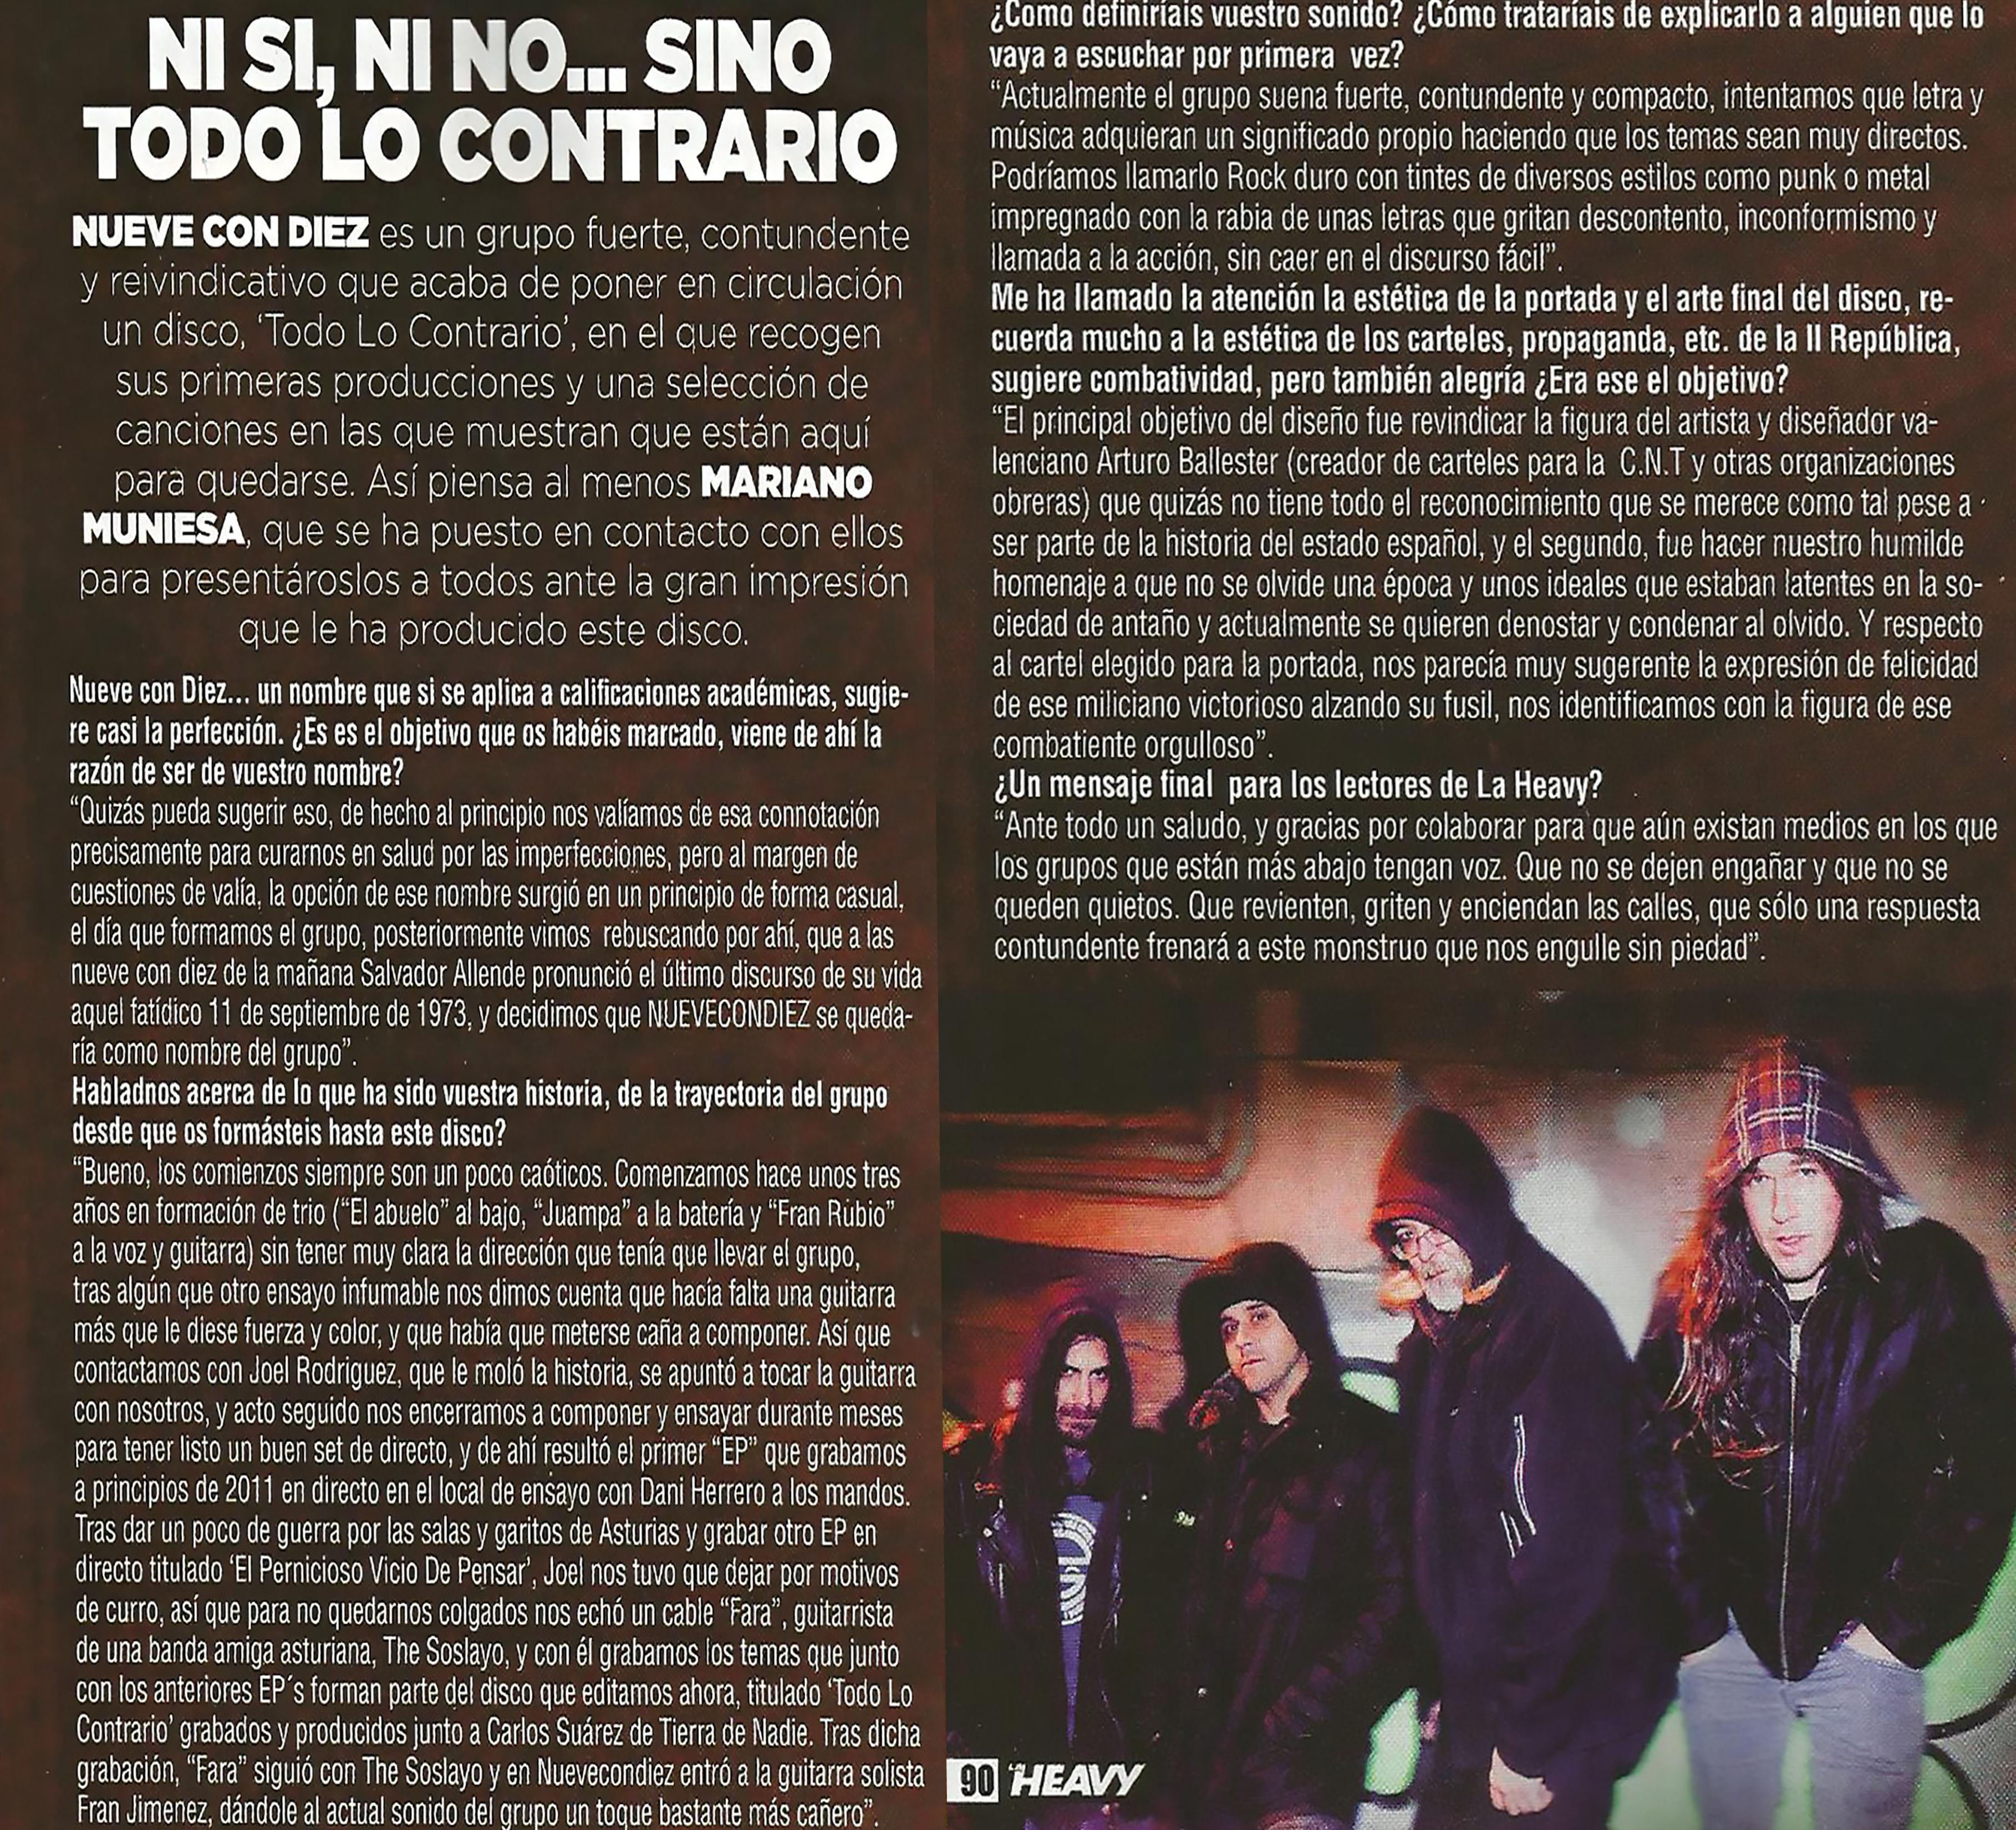 NCD heavy rock entrevistatw